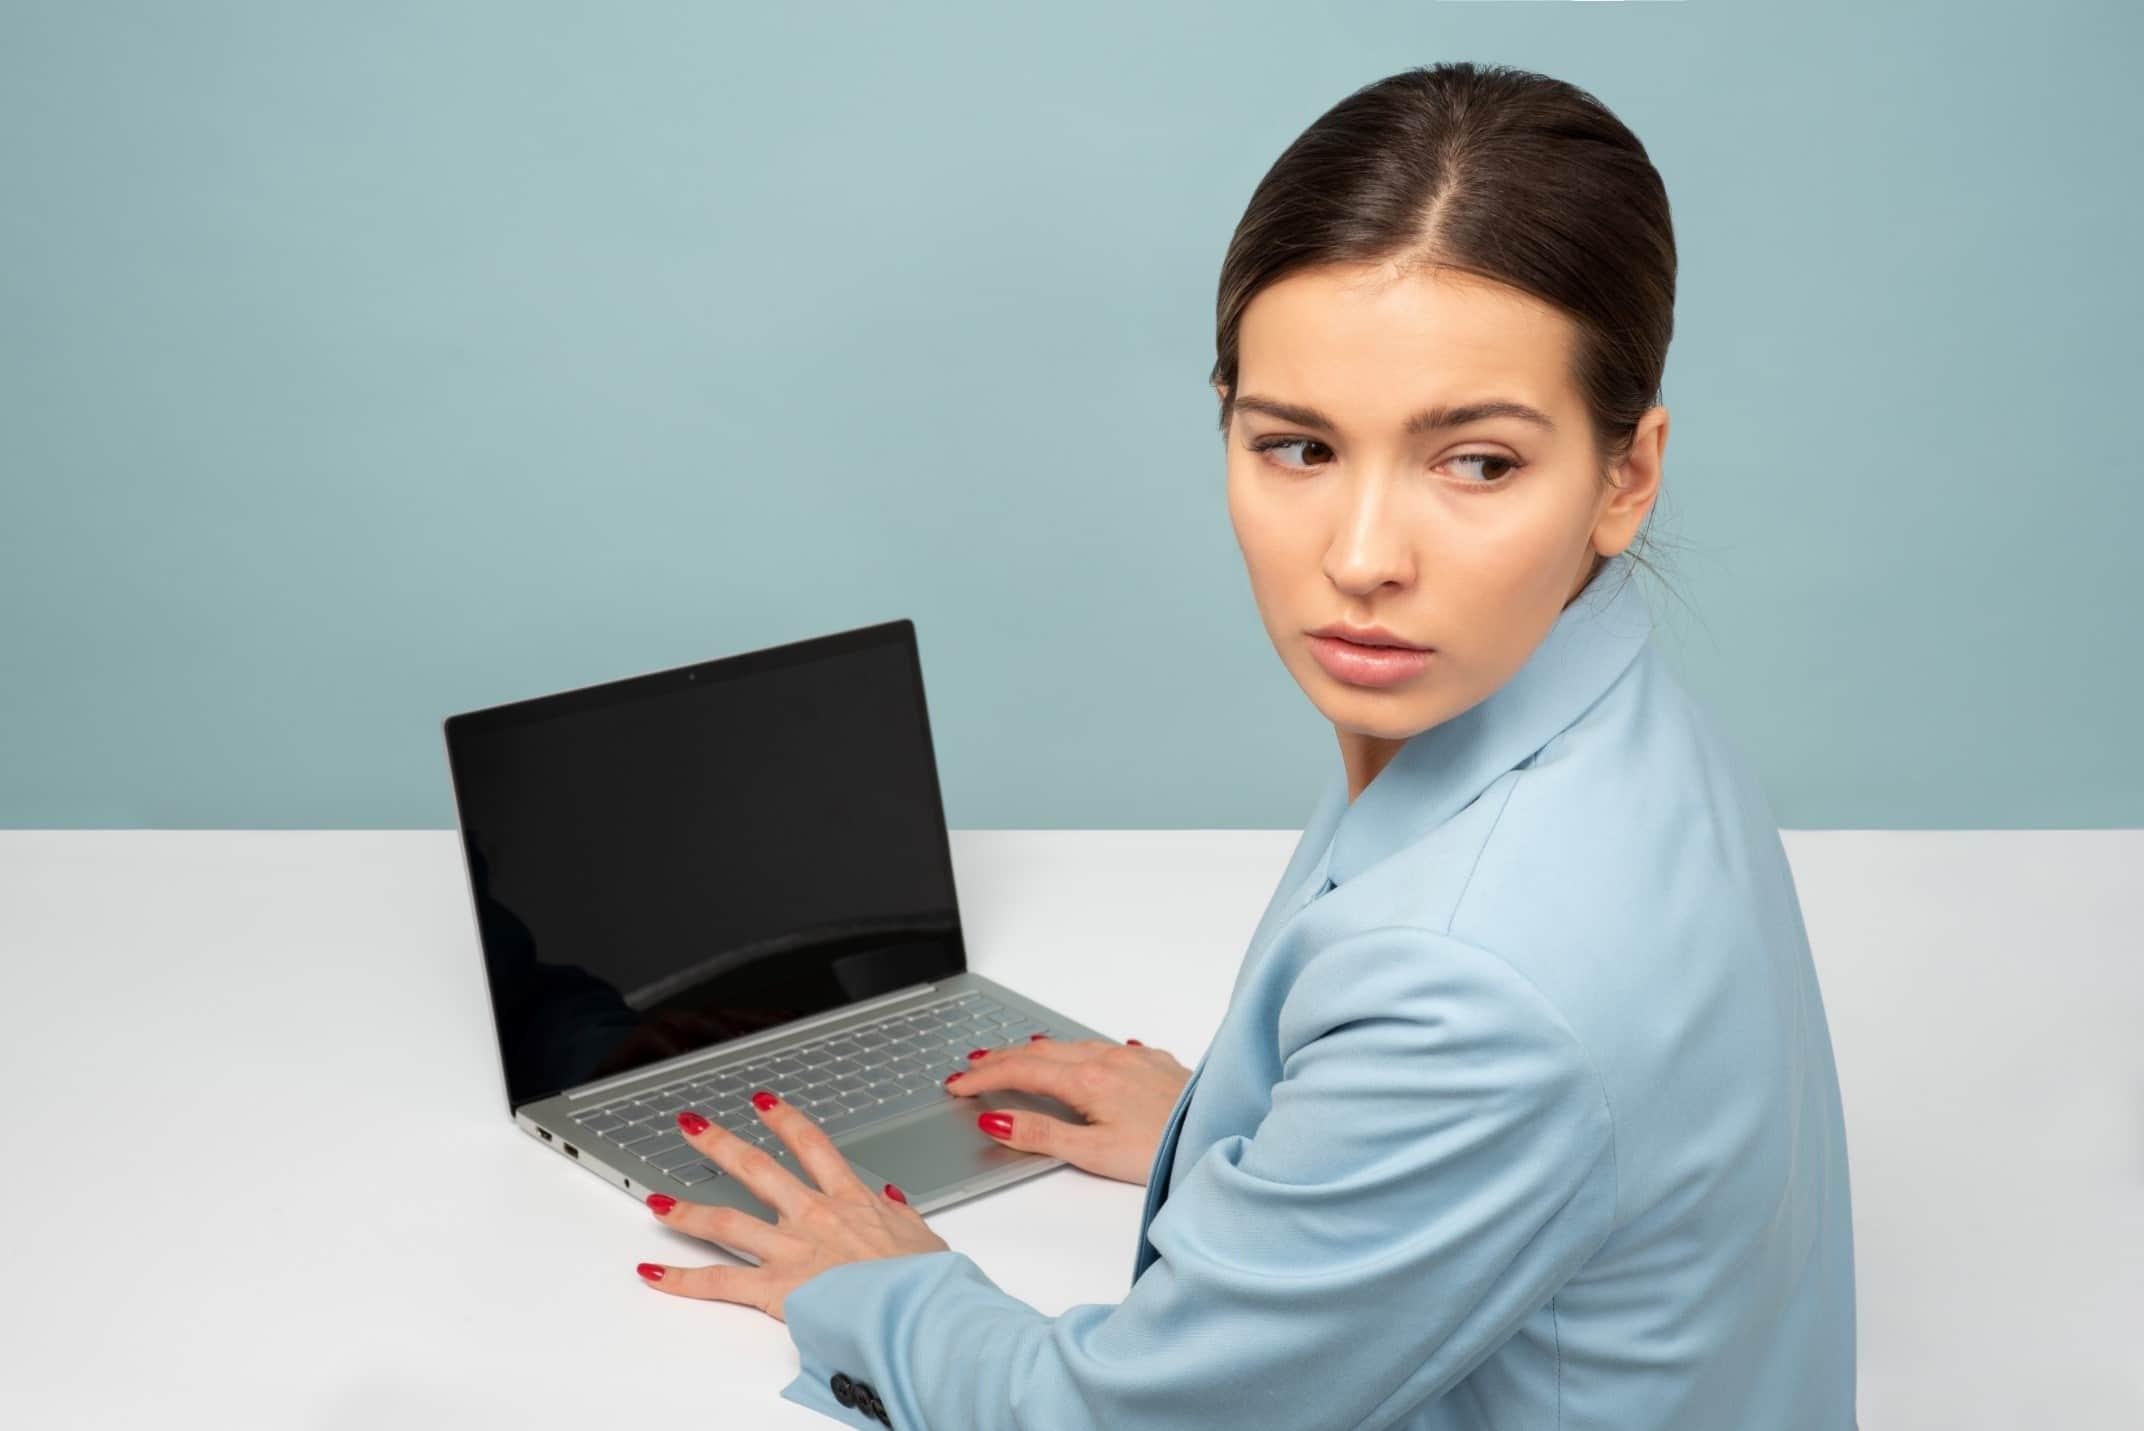 Come una password sicura protegge il vostro laptop dagli hacker